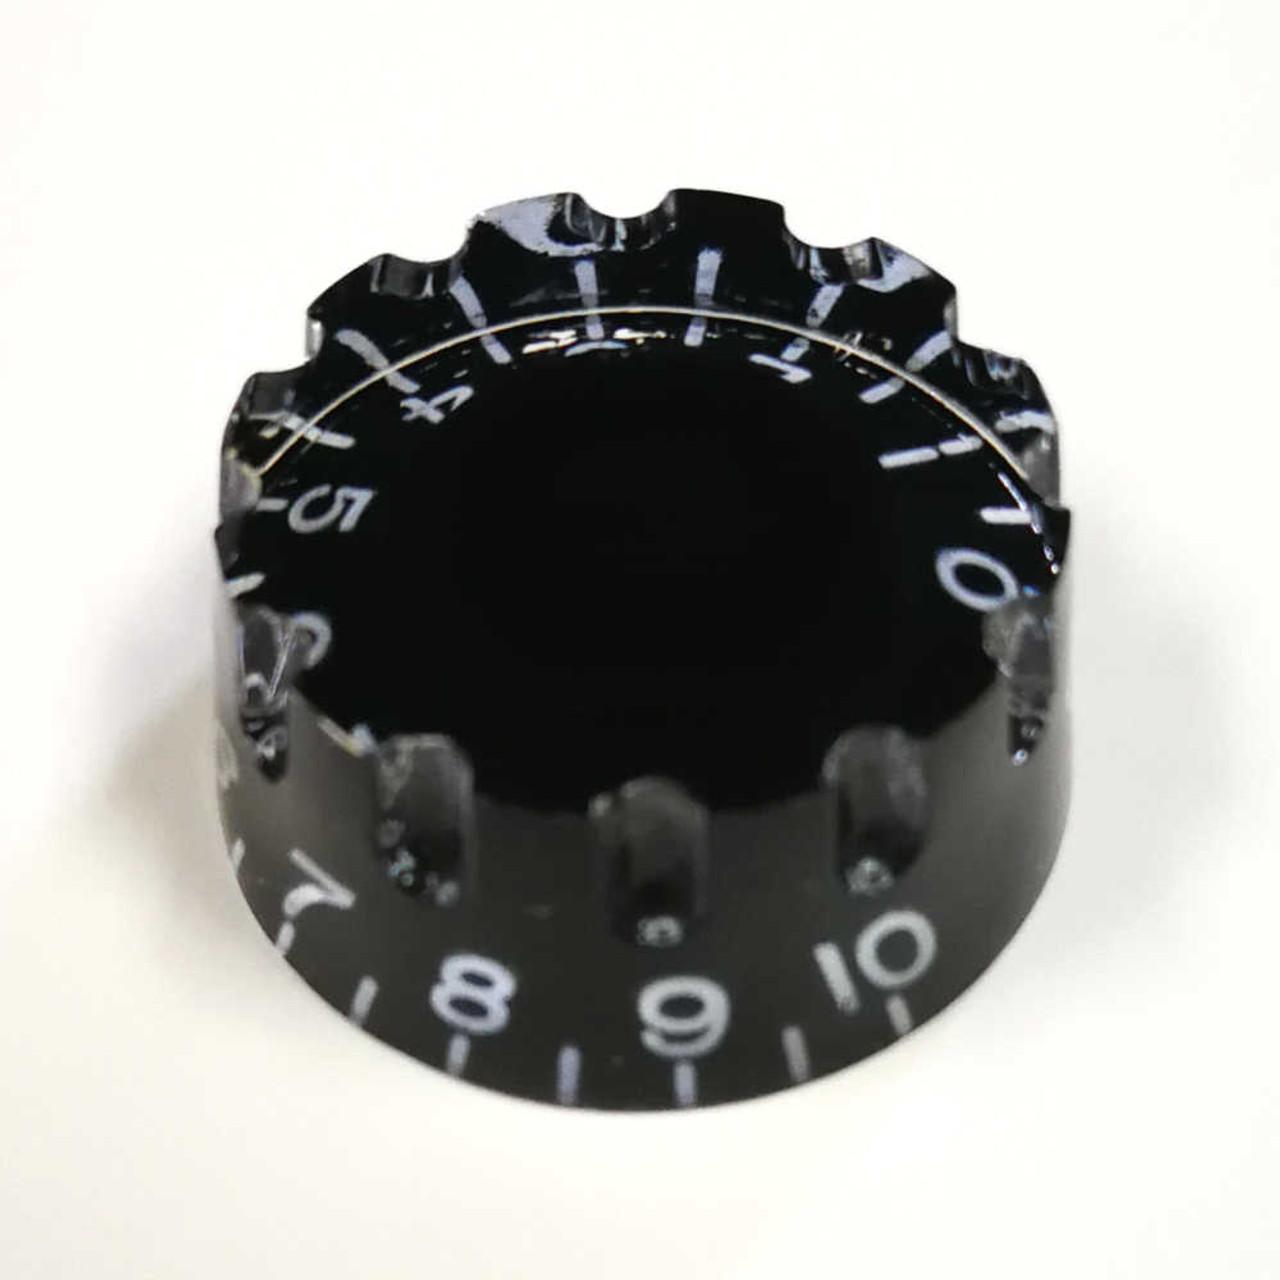 Knurled Speed Knob - 24-spline Black